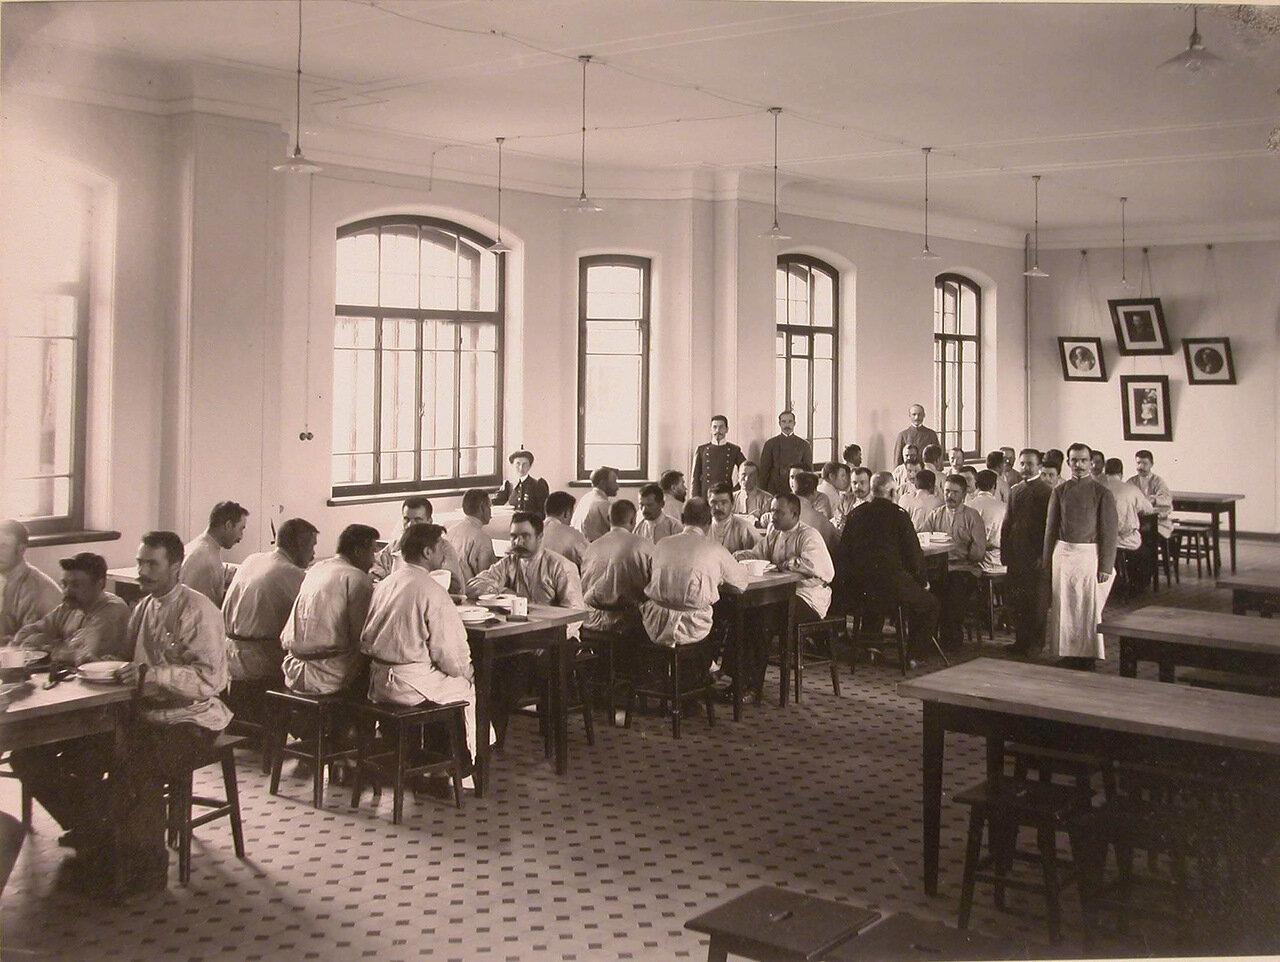 07. Обслуживающий персонал и призреваемые в столовой во время обеда